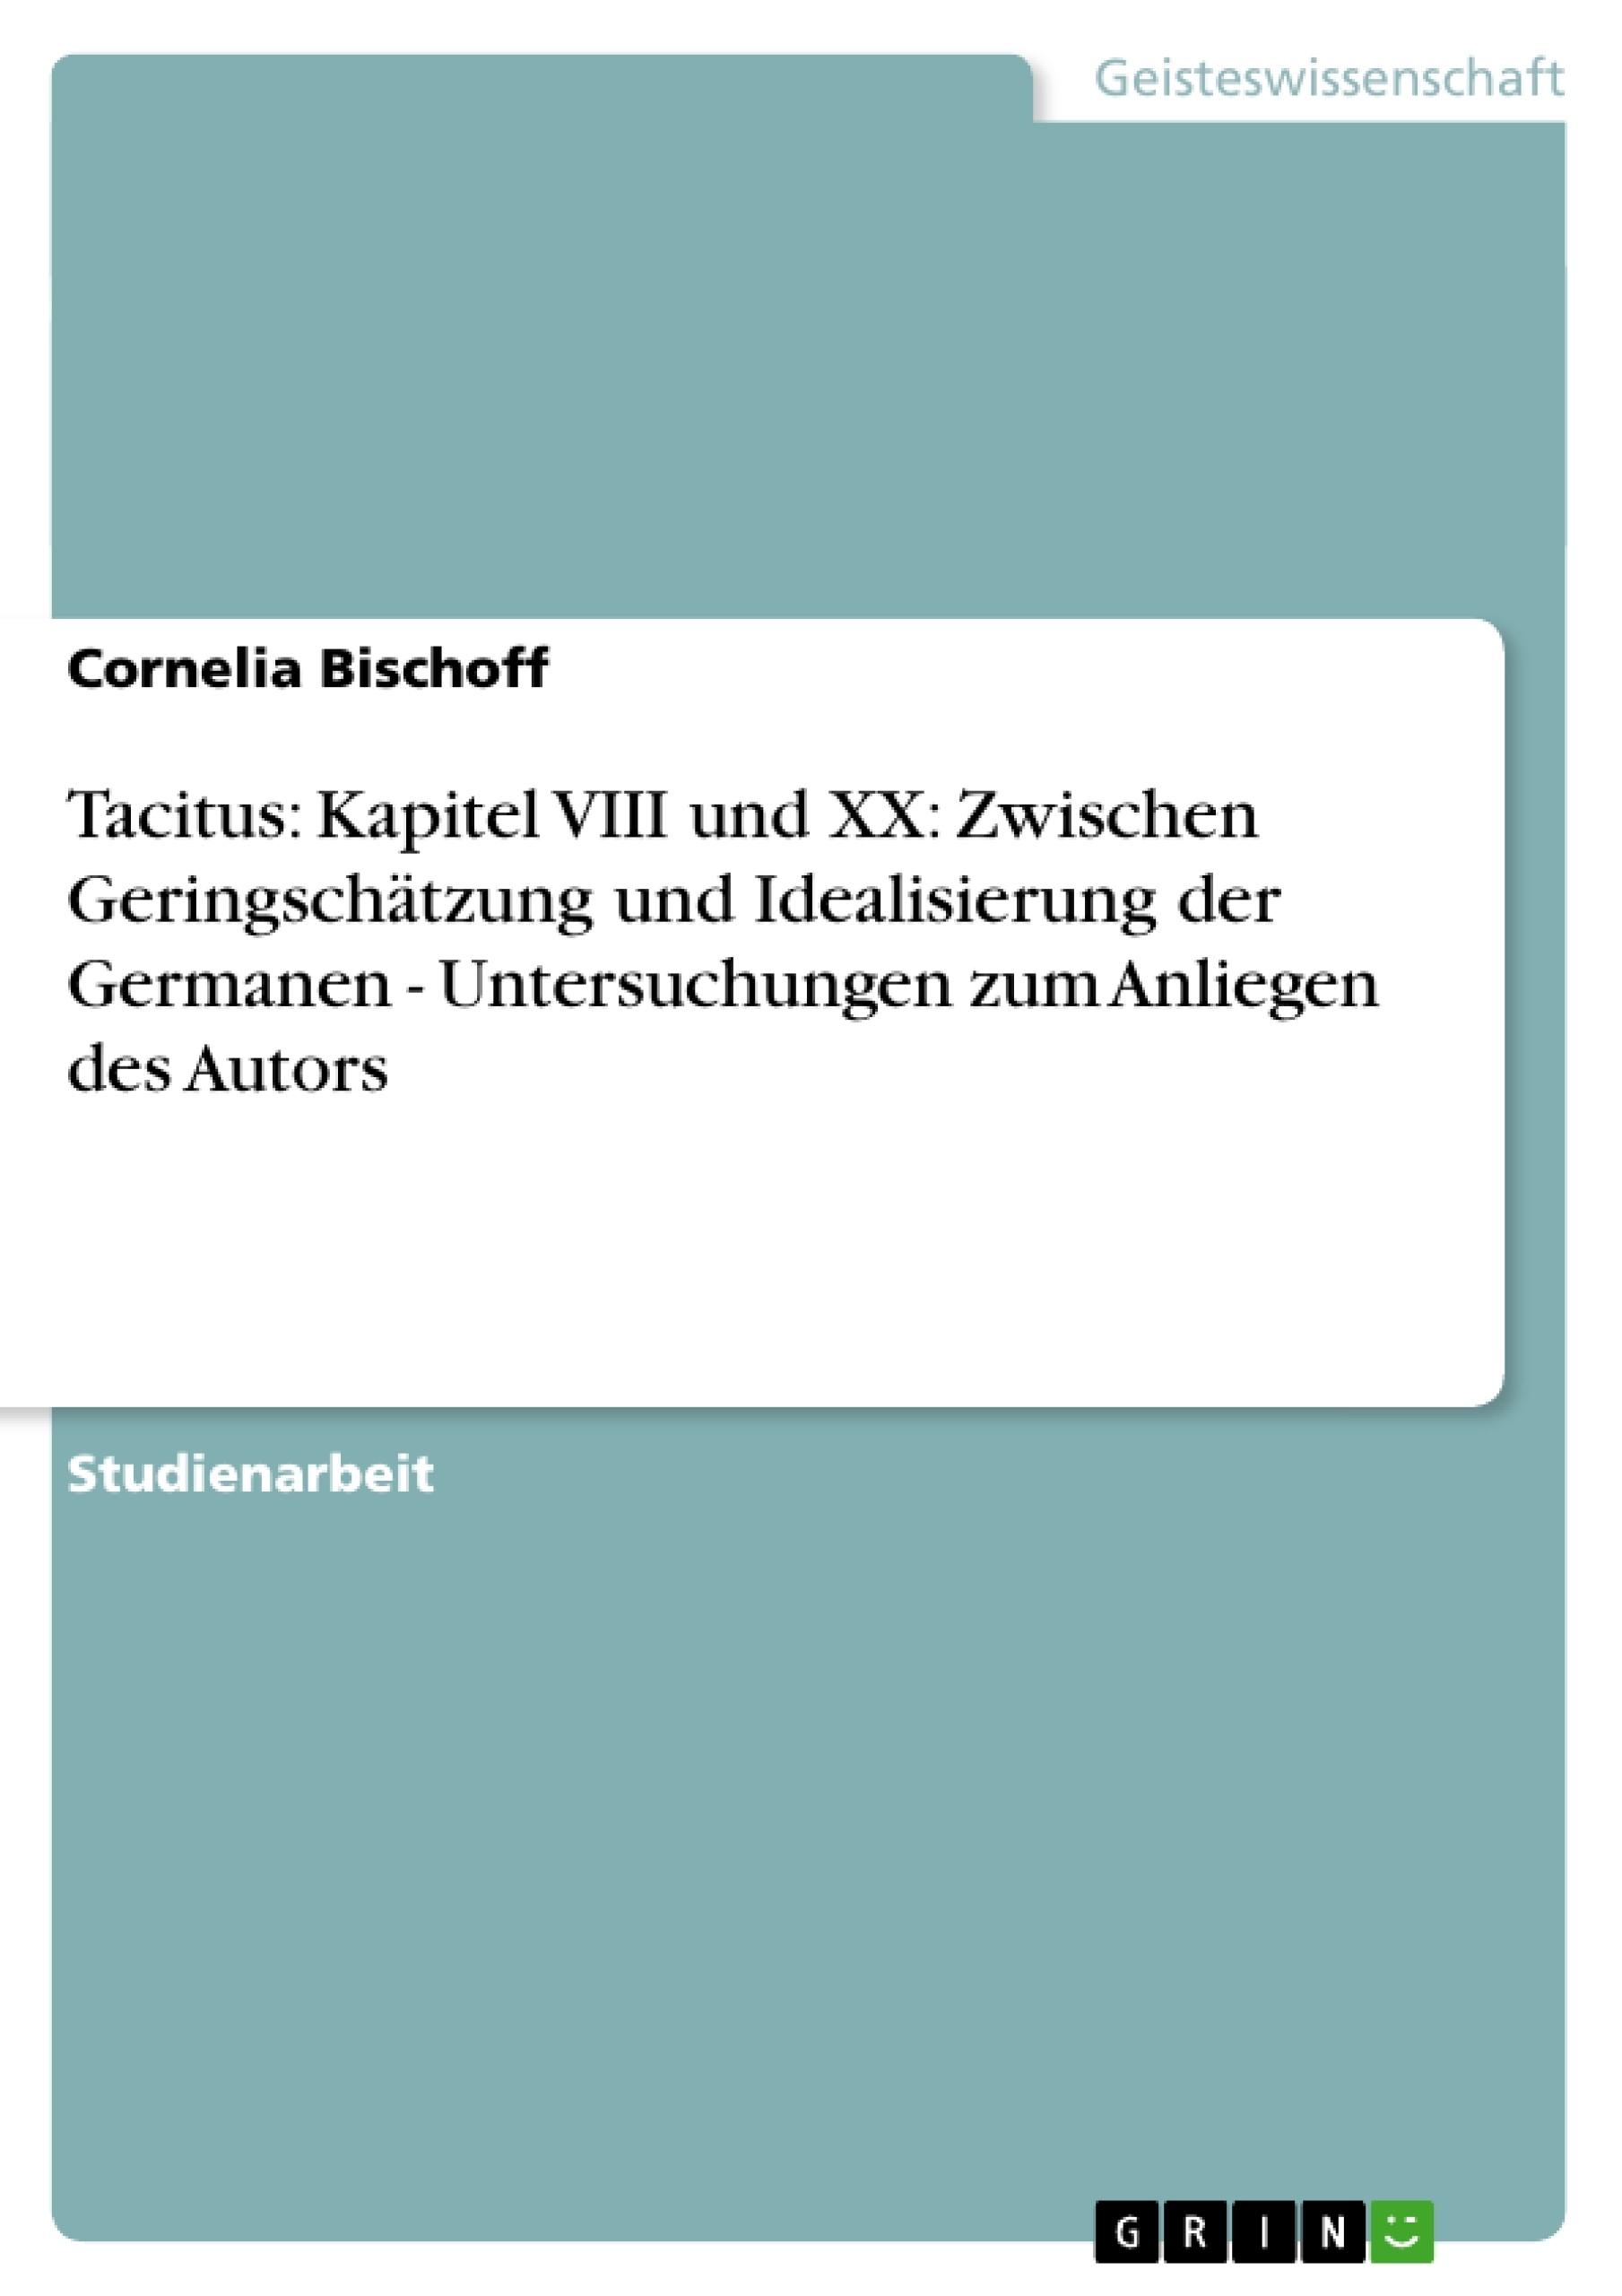 Titel: Tacitus: Kapitel VIII und XX: Zwischen Geringschätzung und Idealisierung der Germanen - Untersuchungen zum Anliegen des Autors